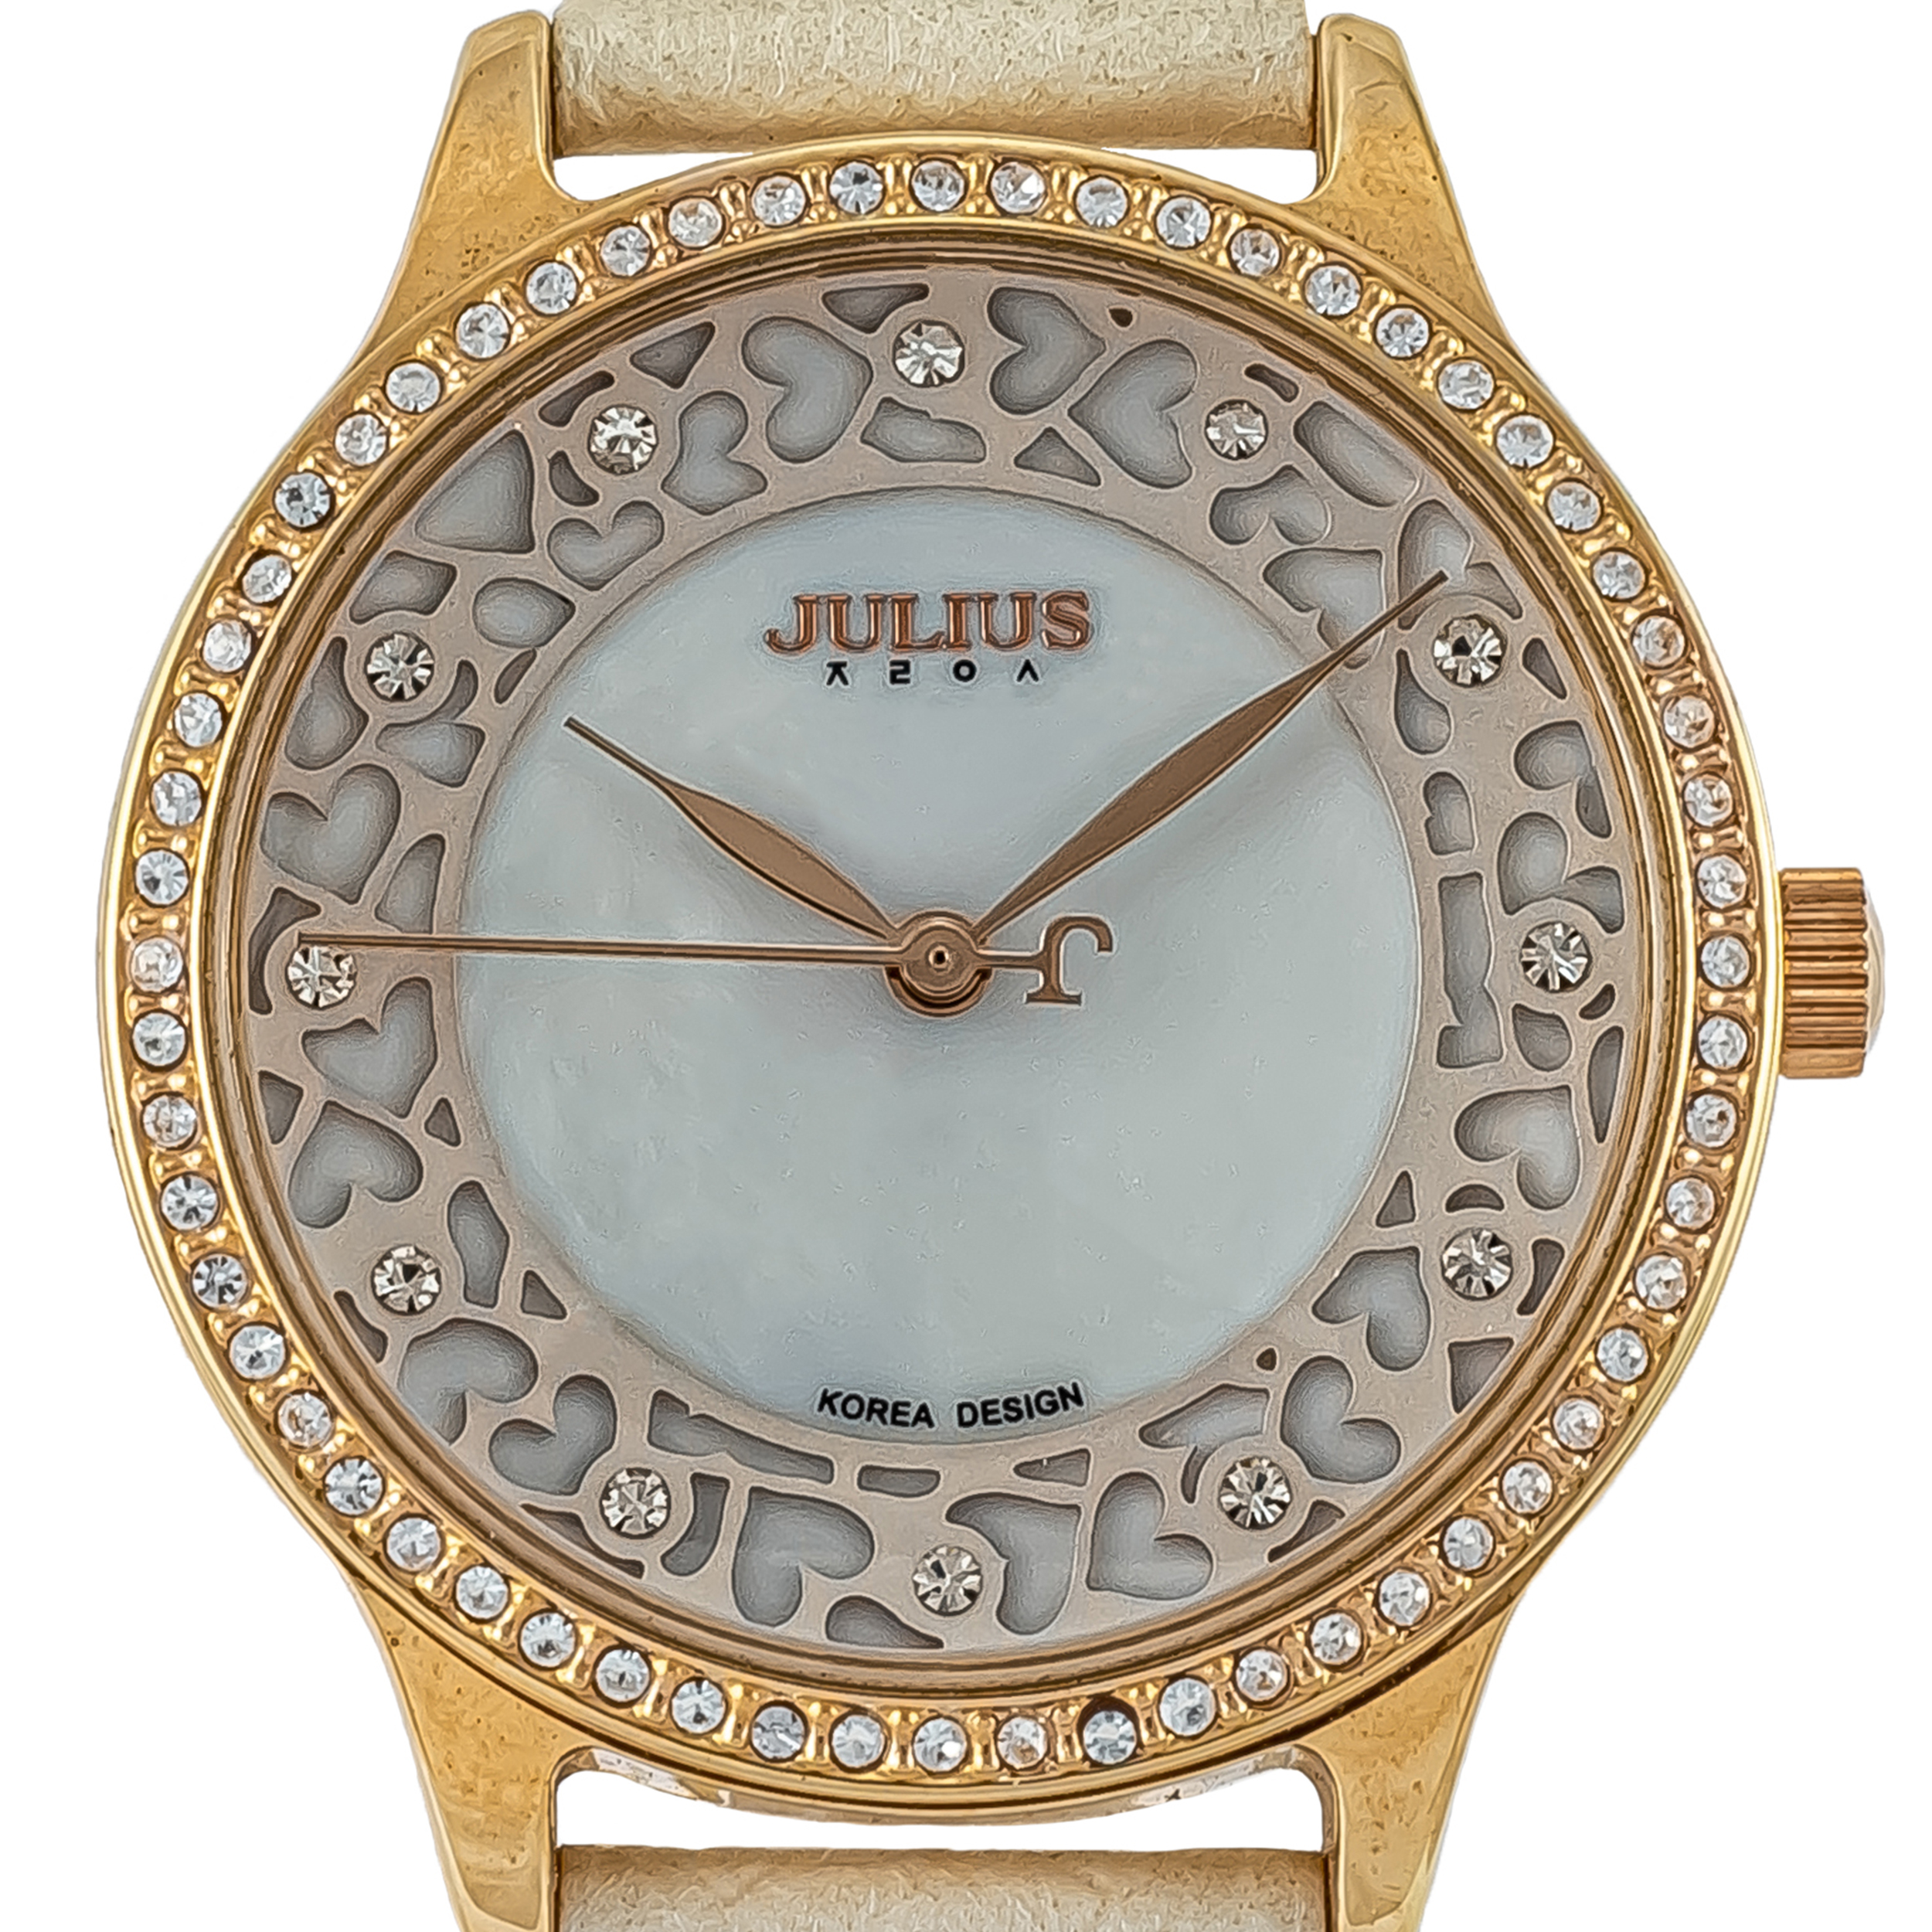 ساعت مچی عقربه ای زنانه جولیوس مدل JA852              ارزان